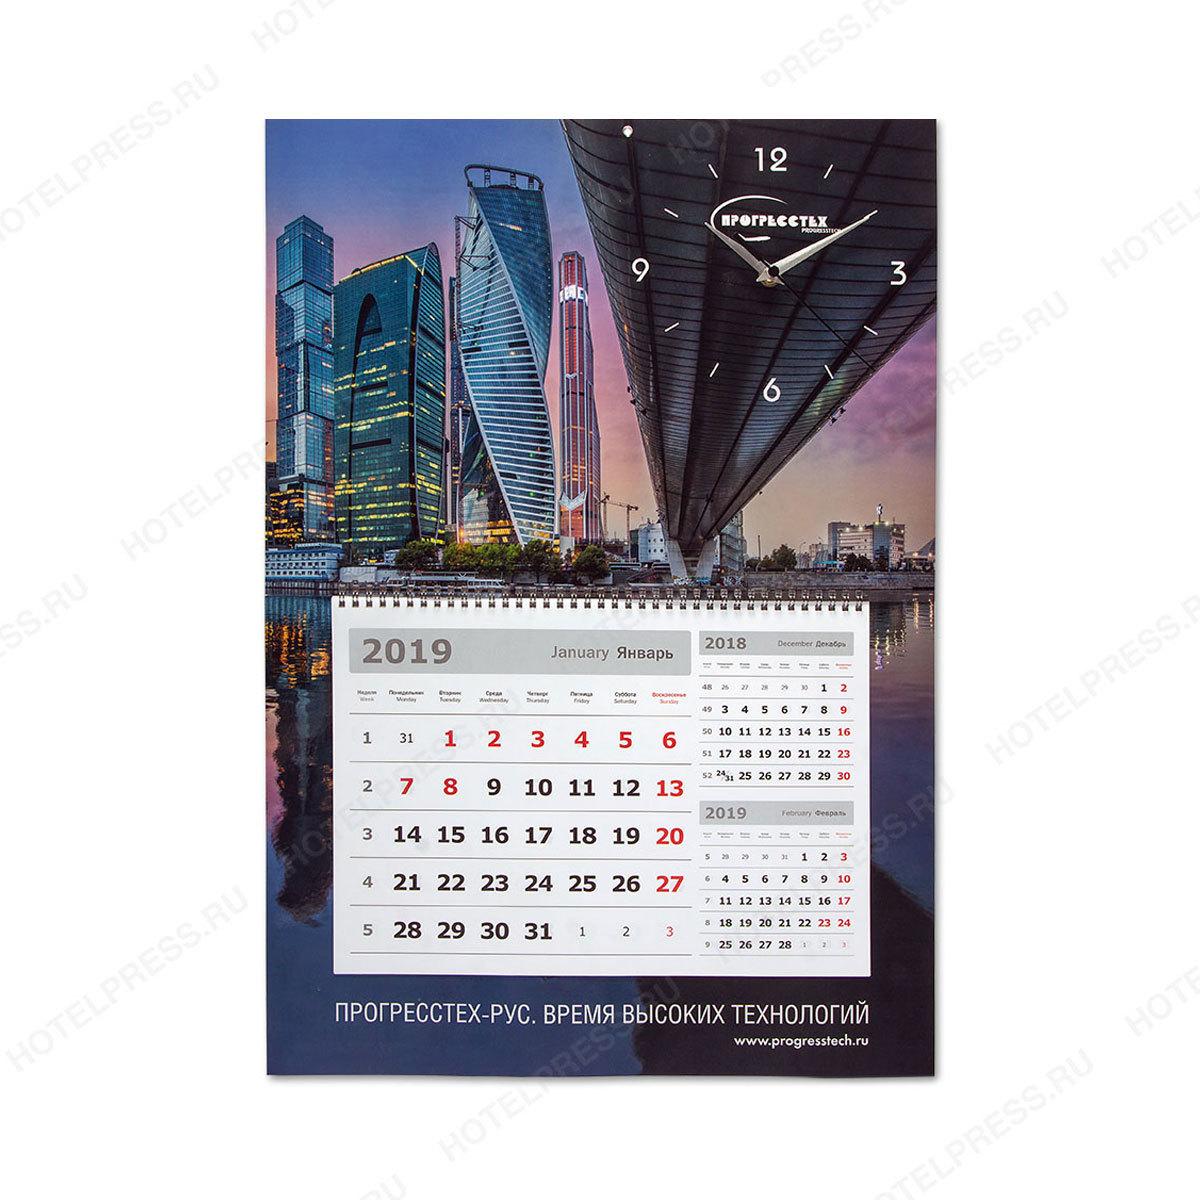 Отрывной календарь с часами и одним стандартным календарным блоком